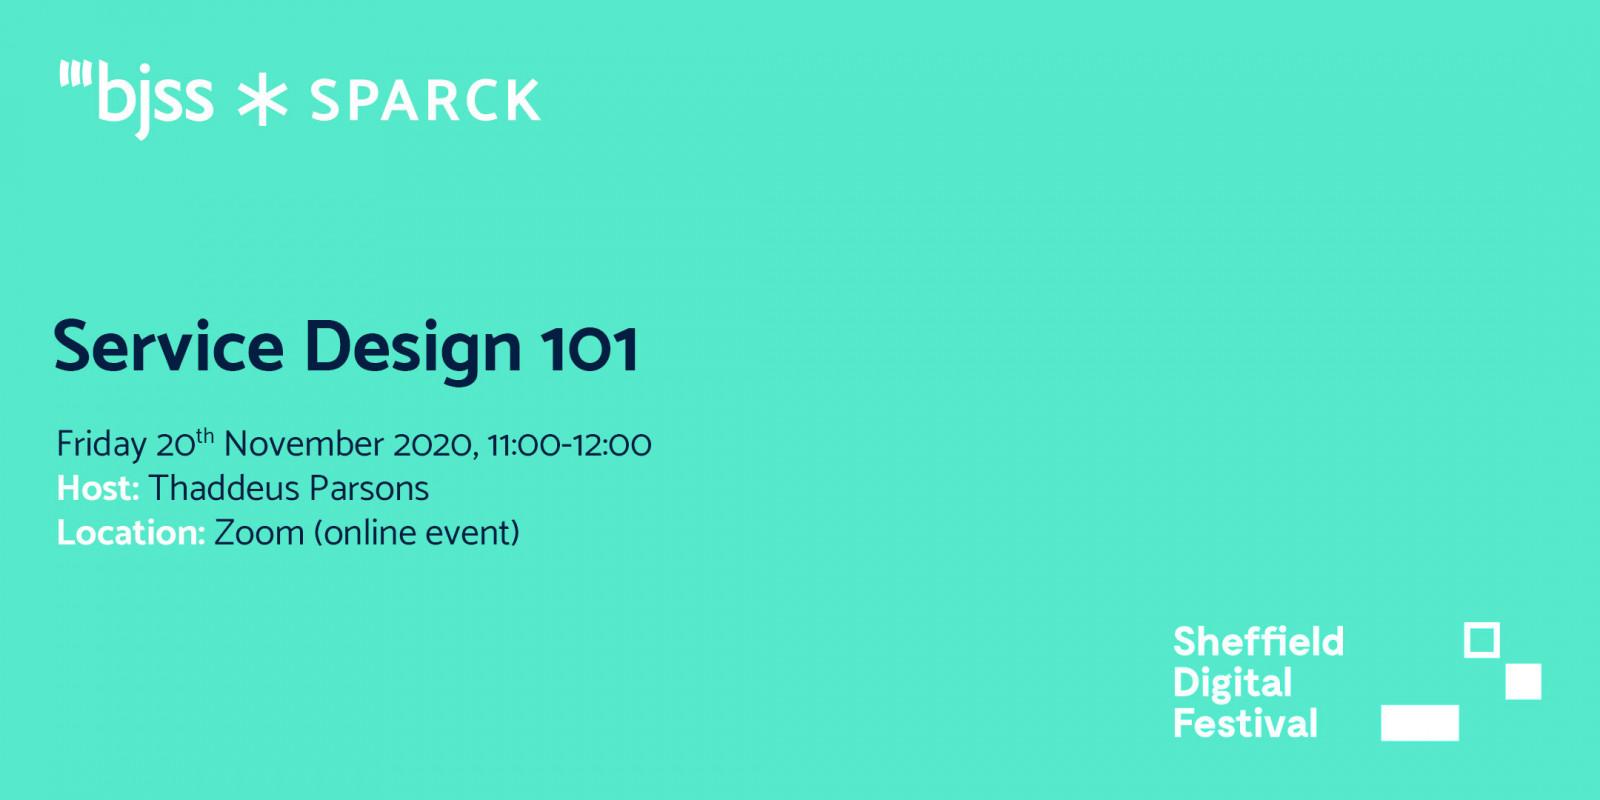 Service Design 101 - SPARCK header image